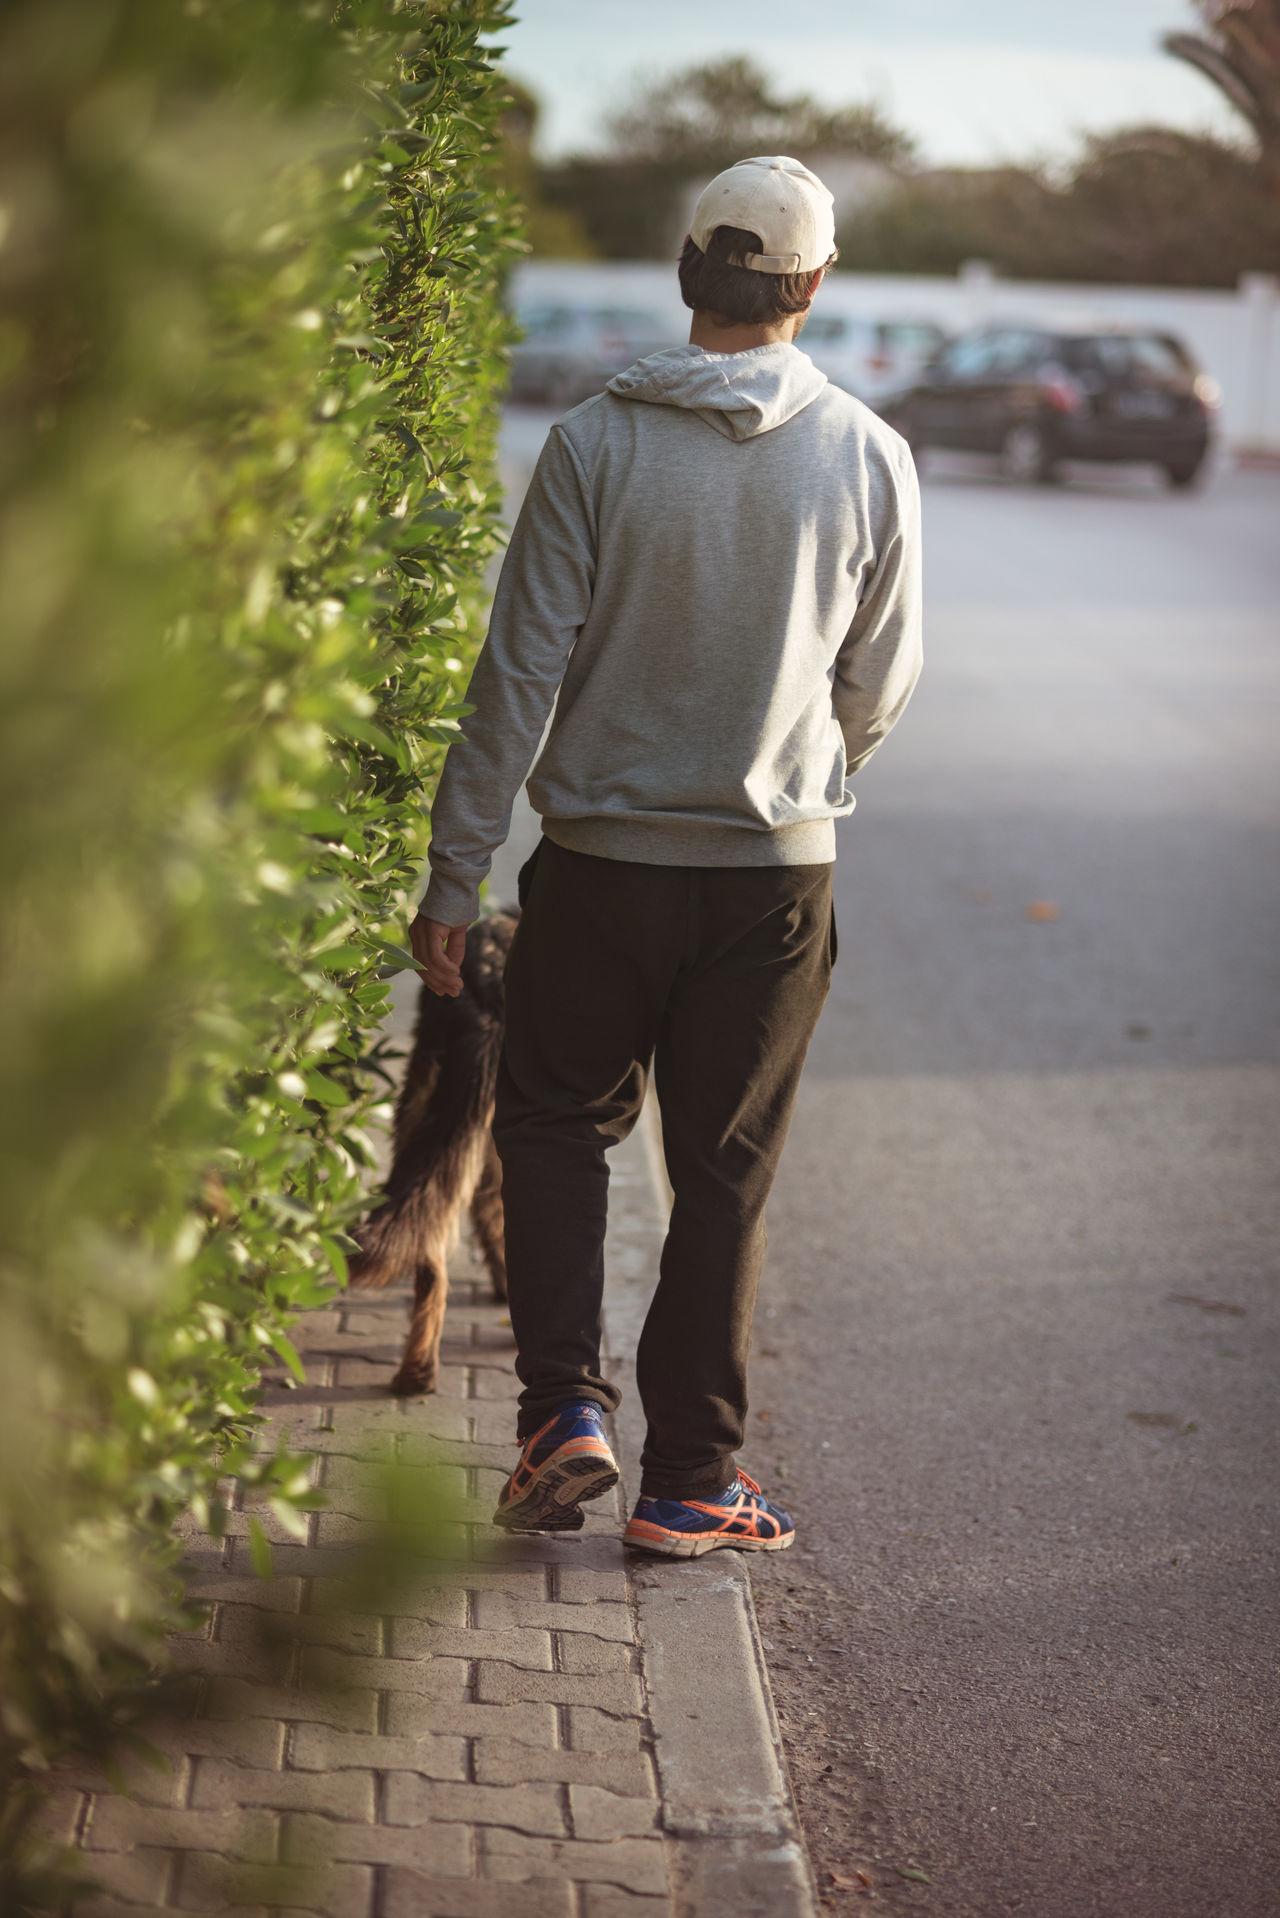 take out my dog Dog Guy Hood Jacket Sport Sportwear Street Streetphotography Walking